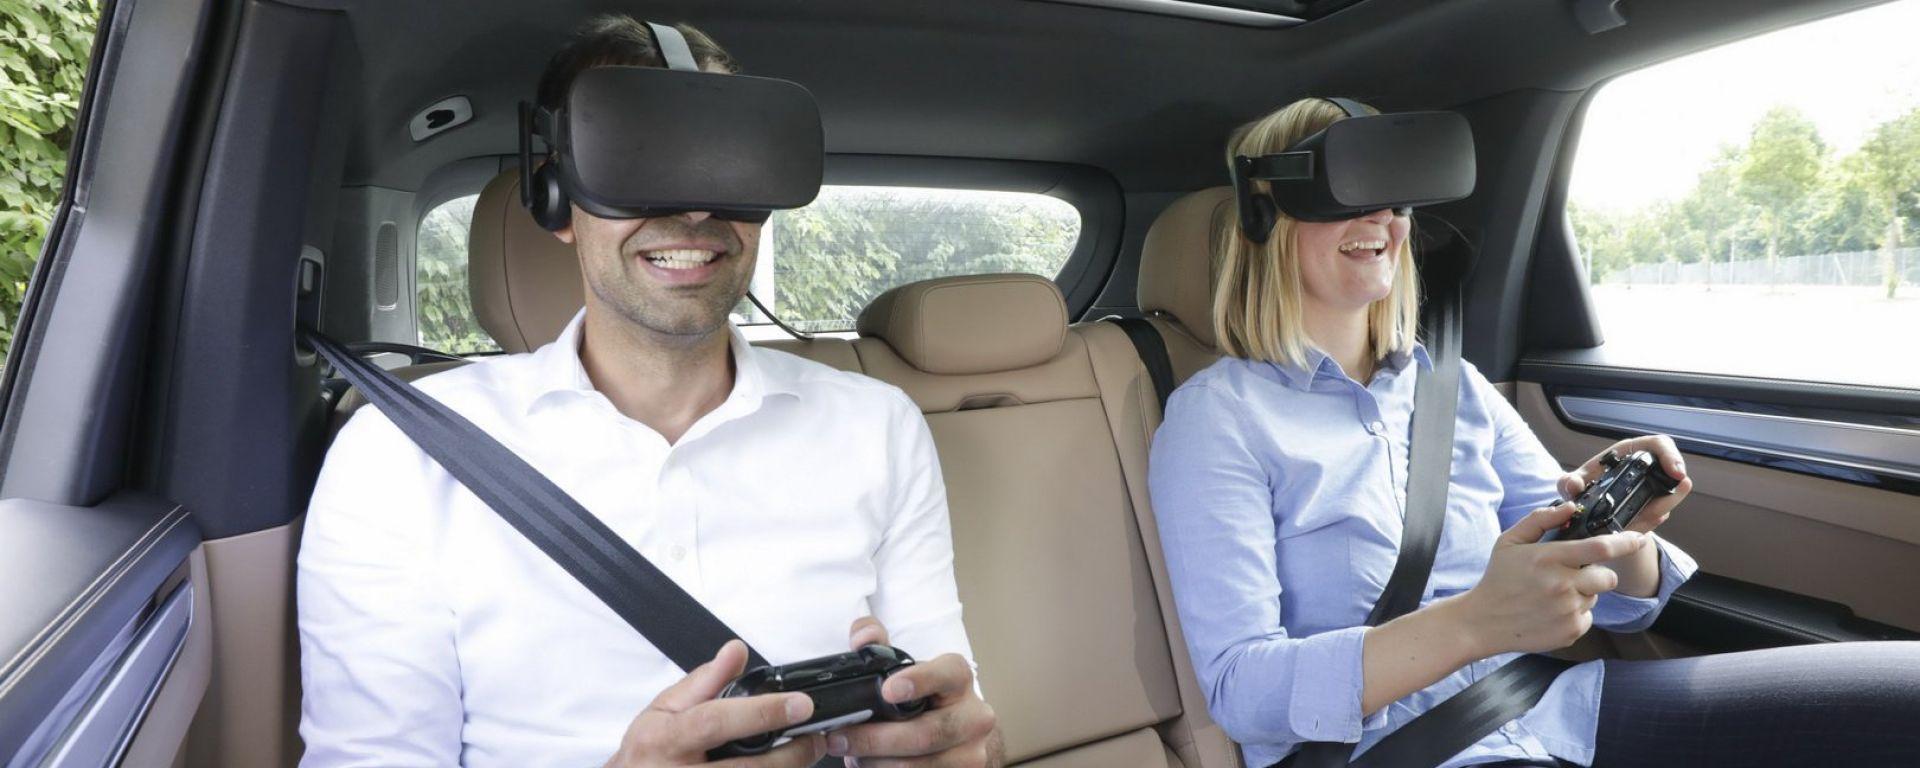 Porsche e Holoride insieme per sistemi VR a bordo